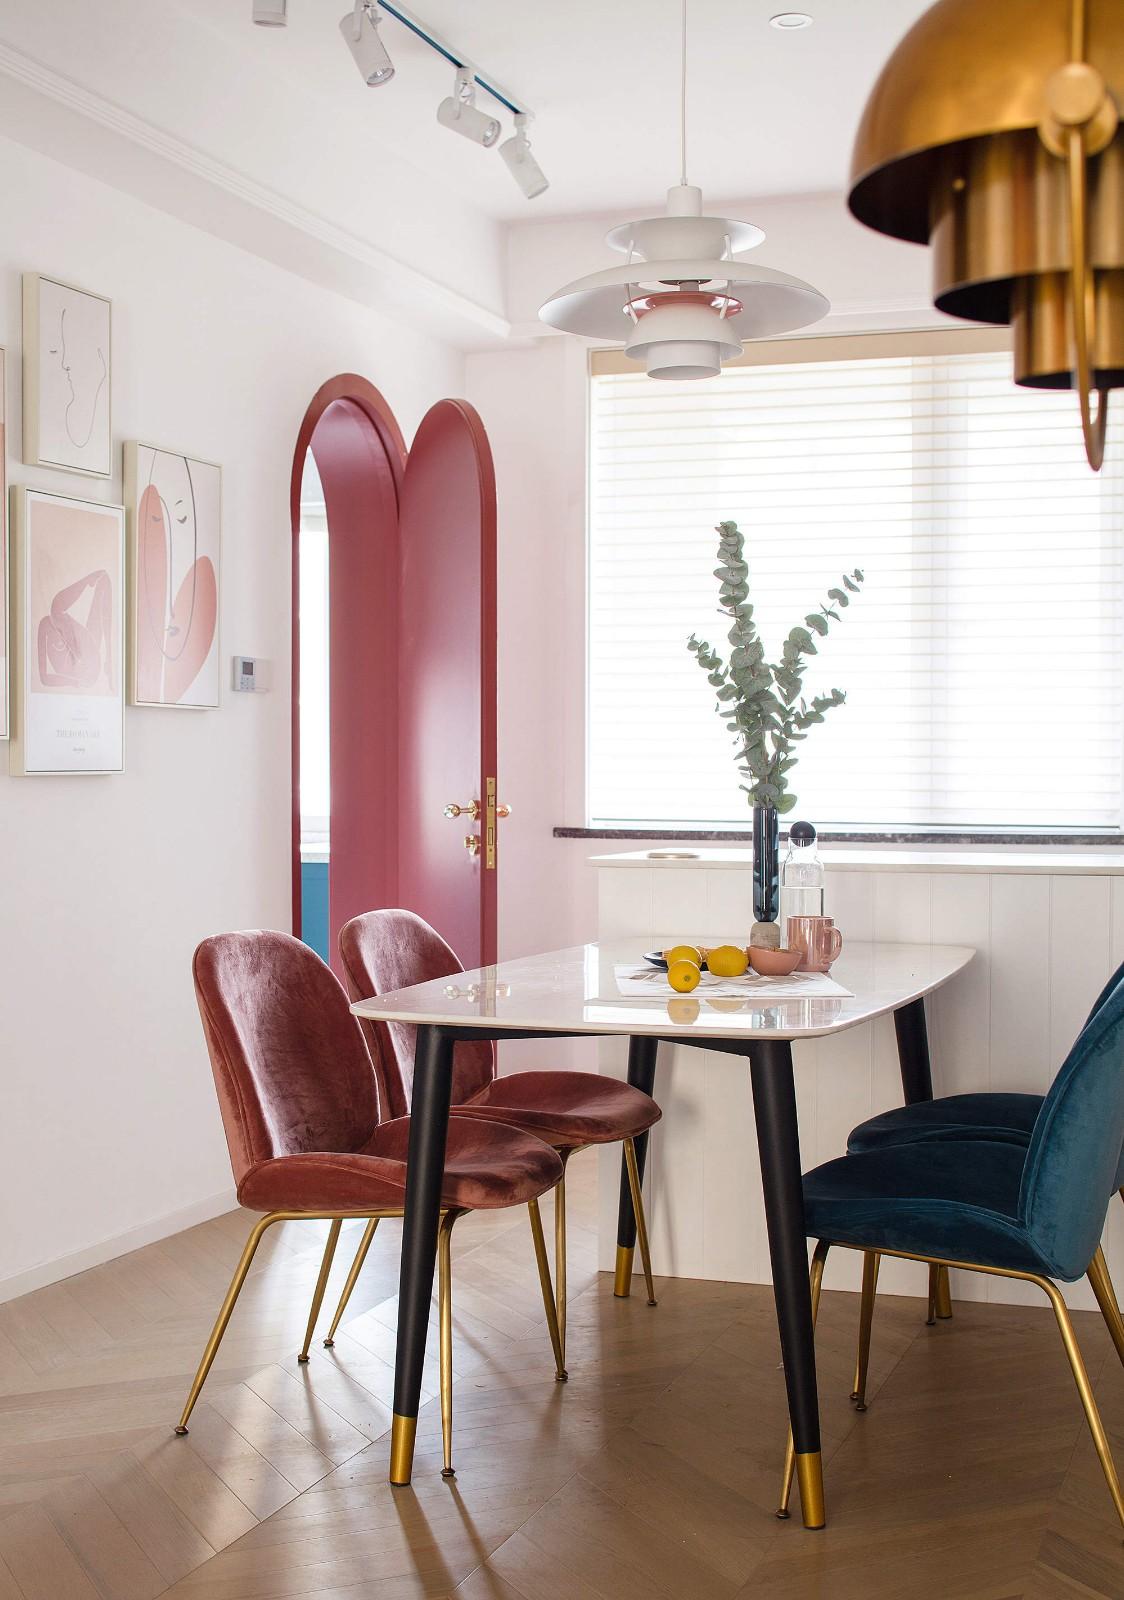 餐厅靠近窗户,采光很好,大理石桌面的餐桌紧靠吧台,搭配红色、蓝色餐椅,简约时尚。